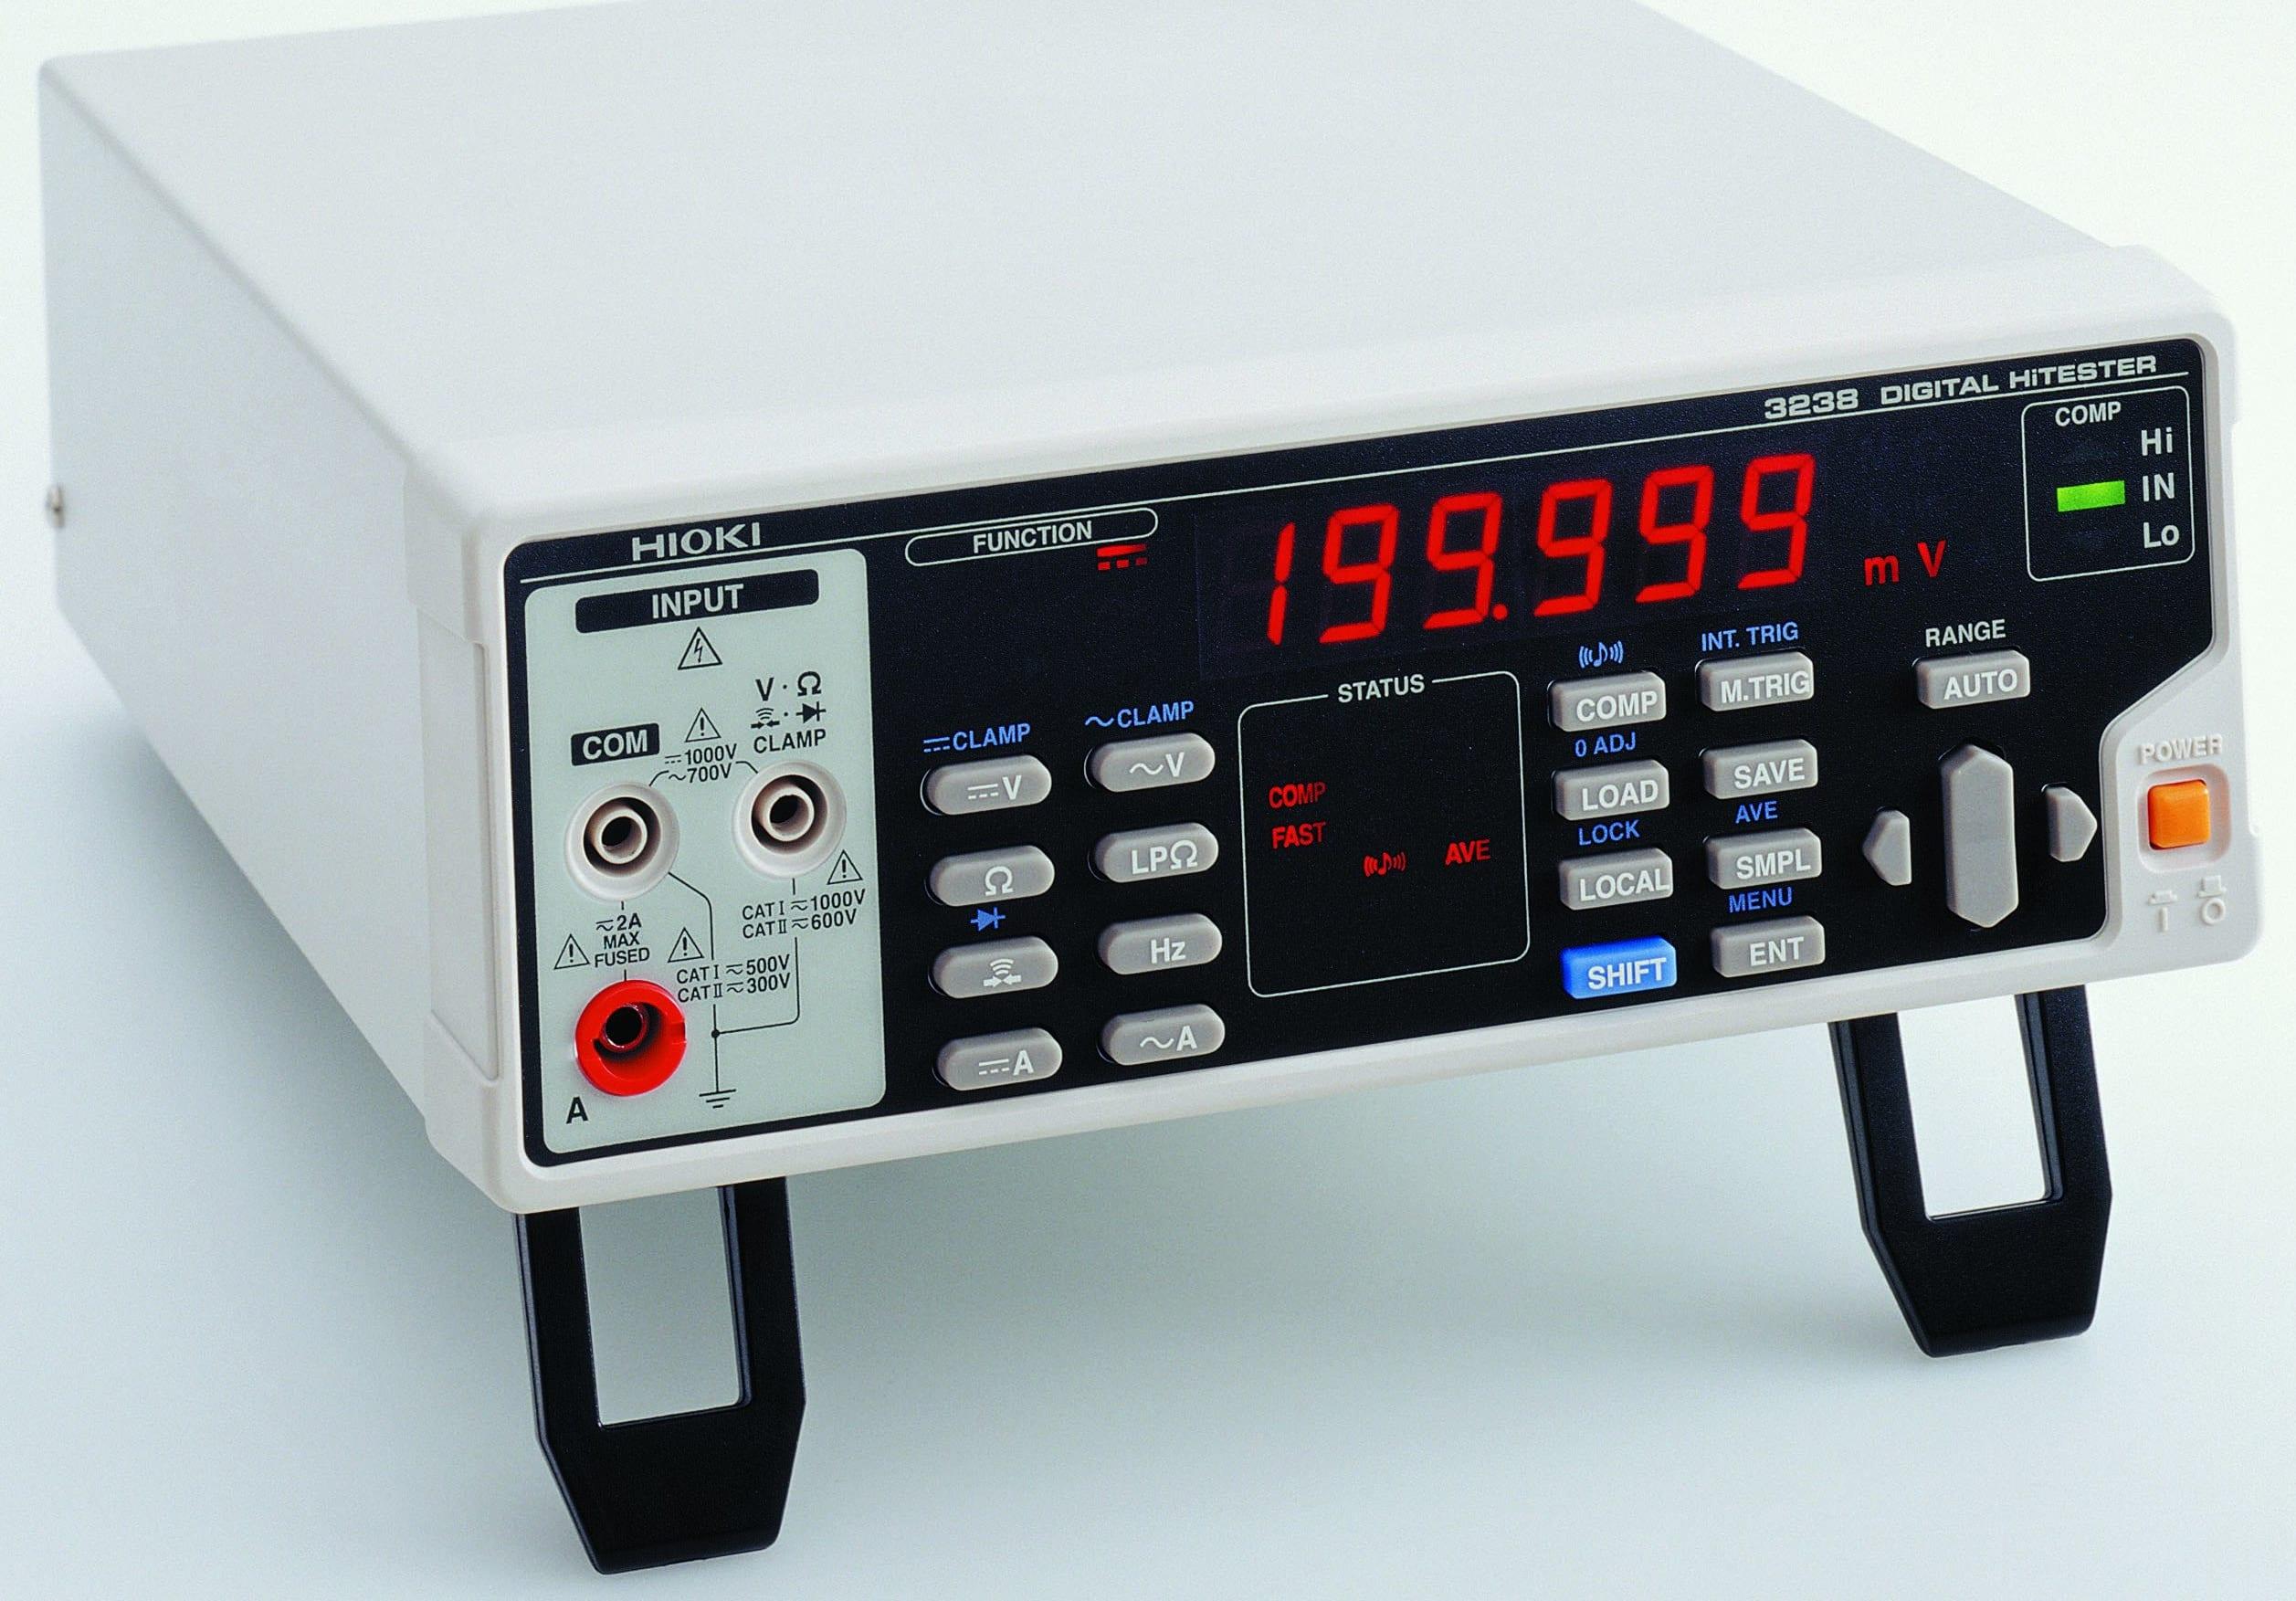 Hioki 3238 Digital Hi-Tester